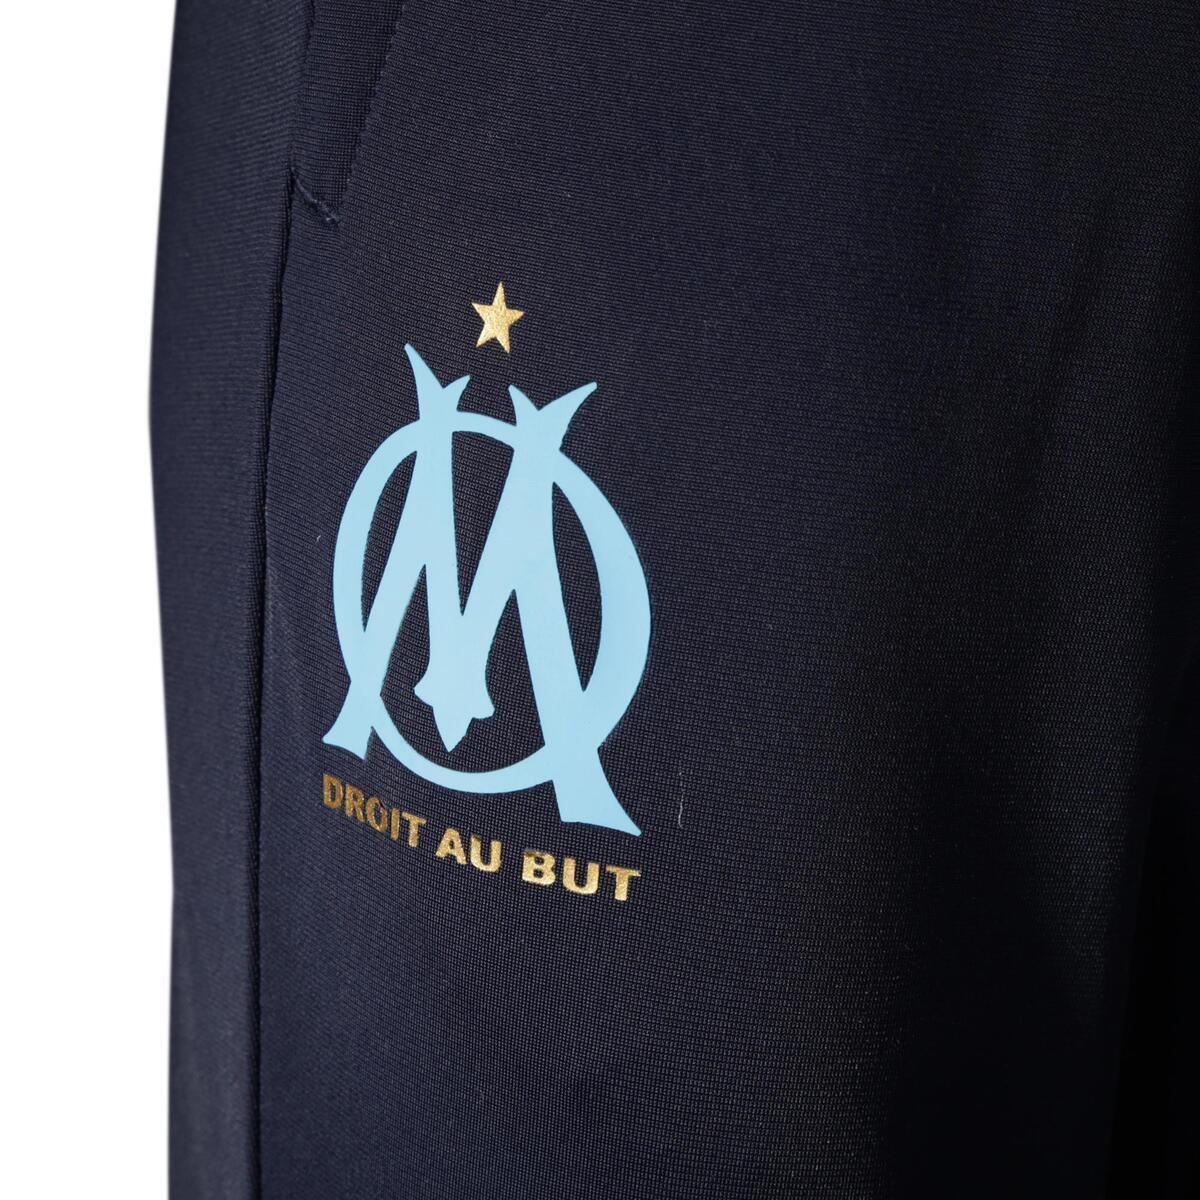 Bild 3 von Fussballhose Olympique de Marseille Erwachsene